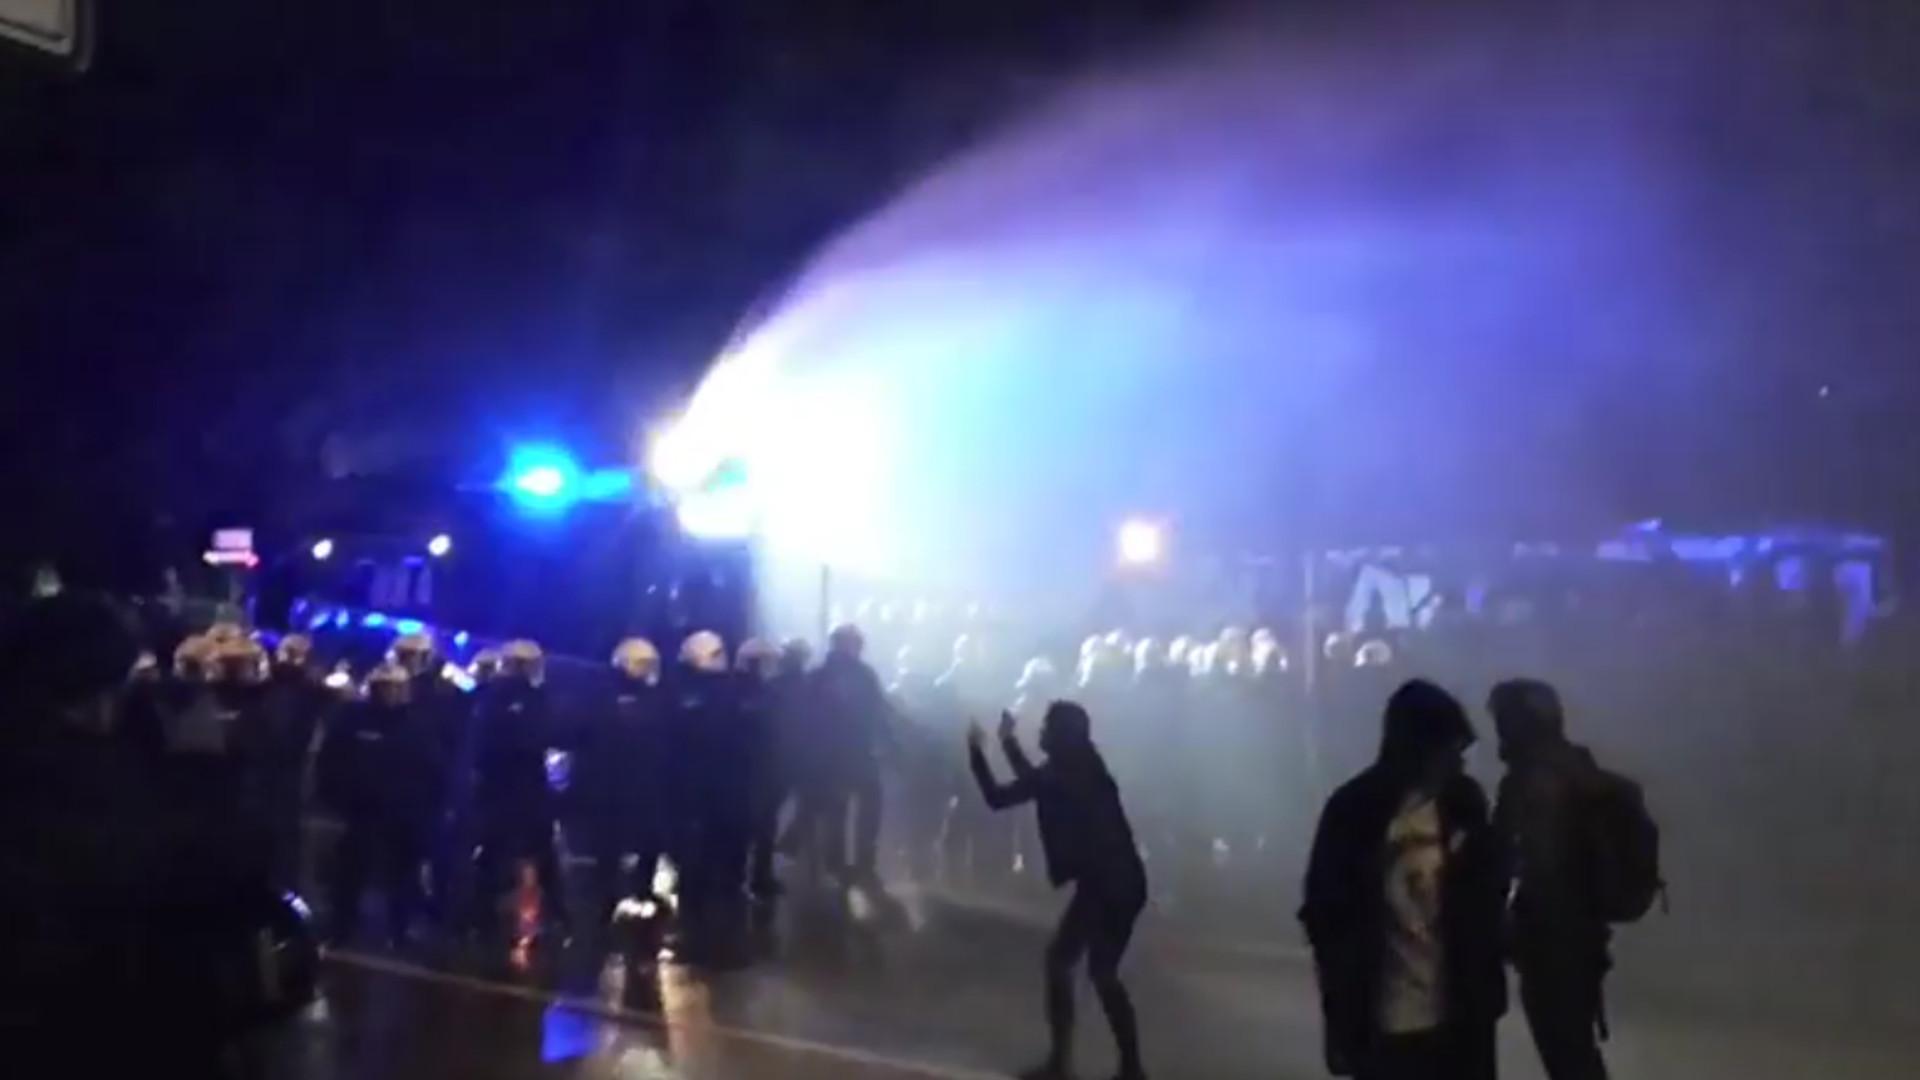 G20-Demo in St. Pauli aufgelöst: Polizei setzt Wasserwerfer ein